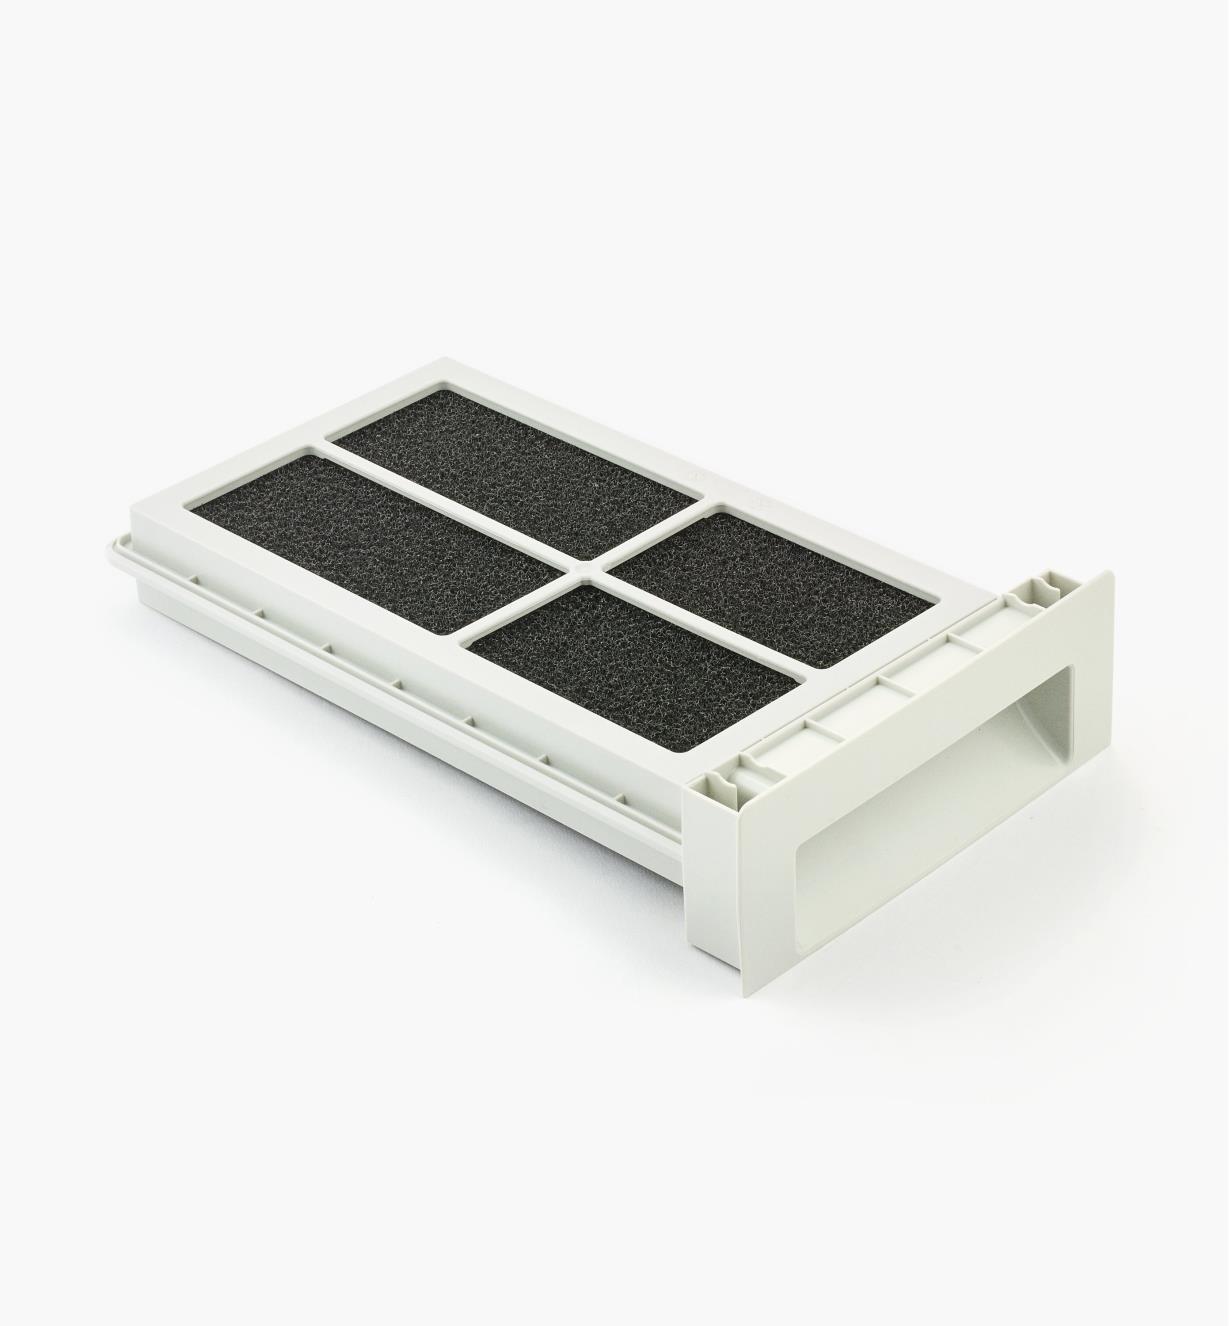 ZA204202 - CT MINI/MIDI/15 E Wet Filter, each